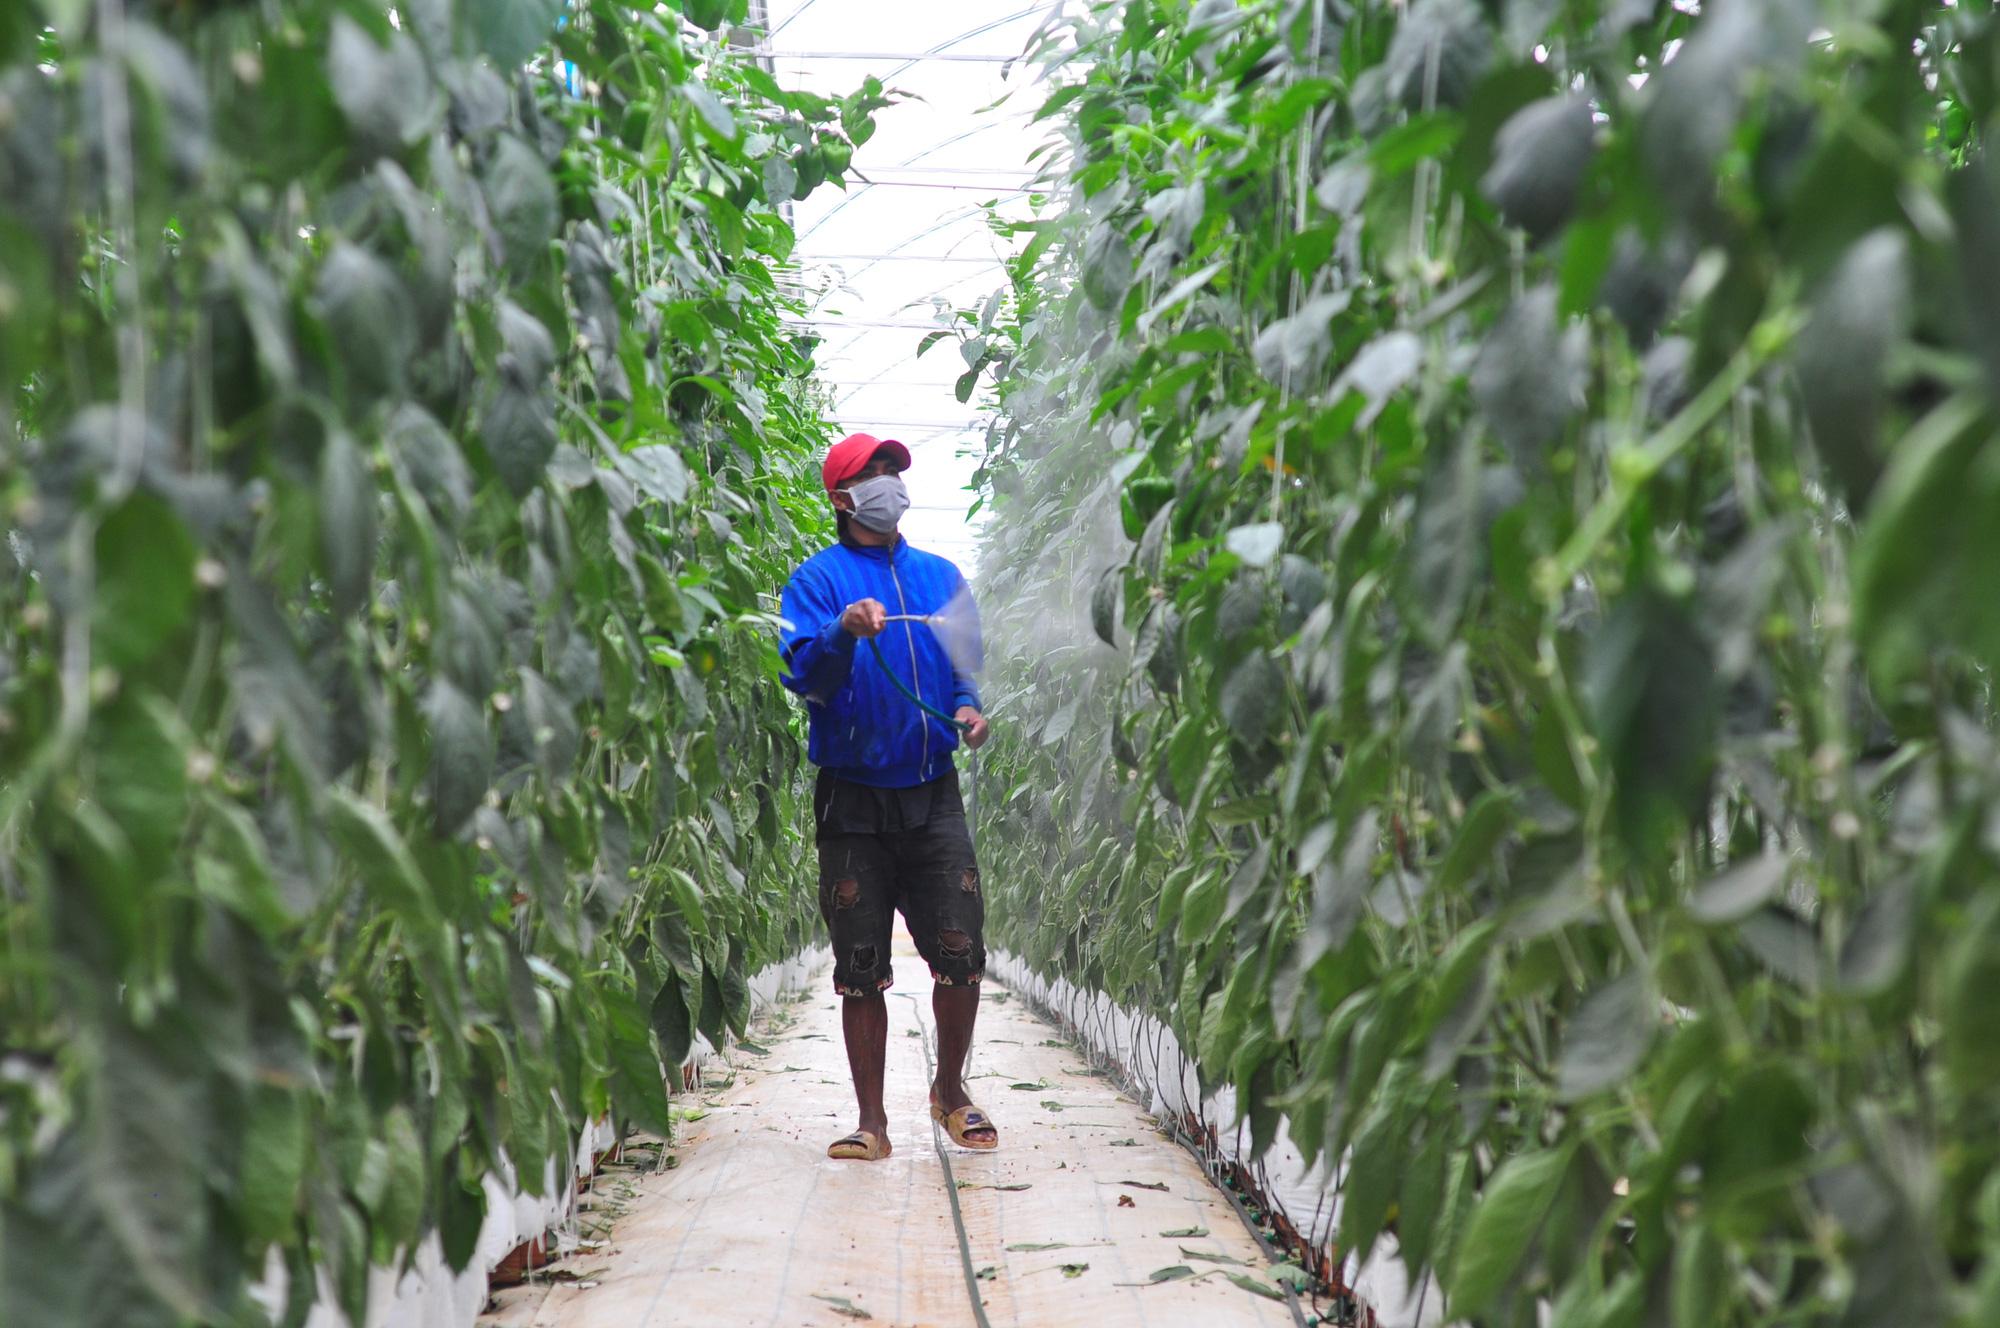 Hơn 15 năm phát triển NNCNC ở Lâm Đồng Bài 3: Nông nghiệp hữu cơ sẽ là hướng đi mới - Ảnh 4.